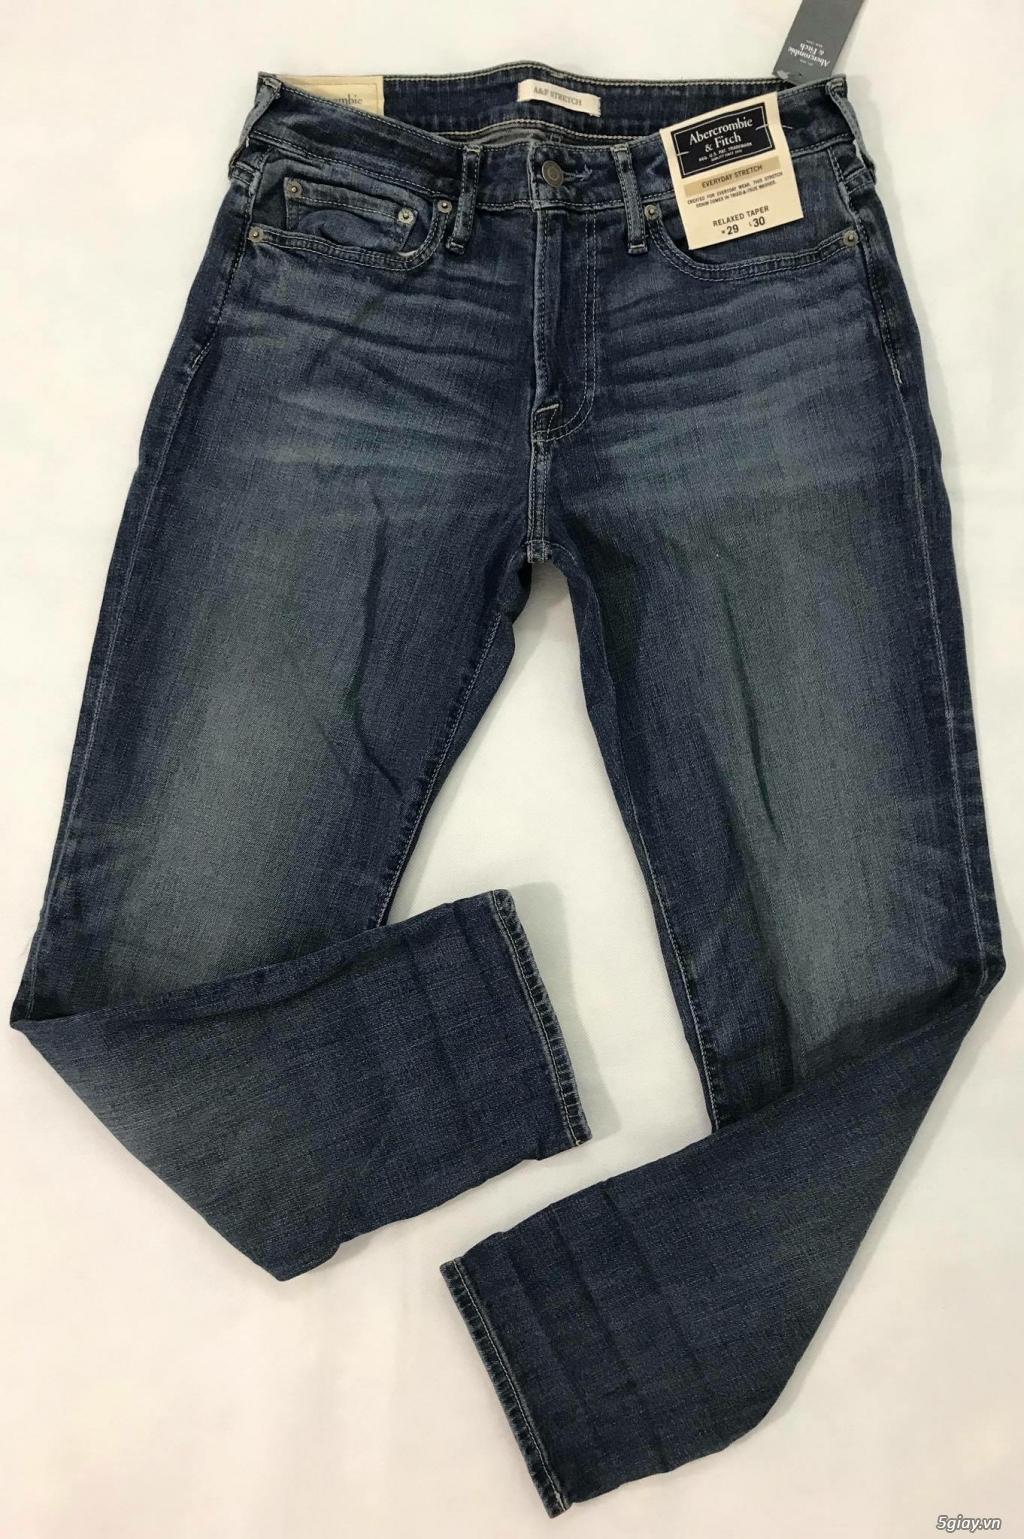 Cần thanh lý quẩn jeans abercrombie & fitch mua bên mỹ . - 9